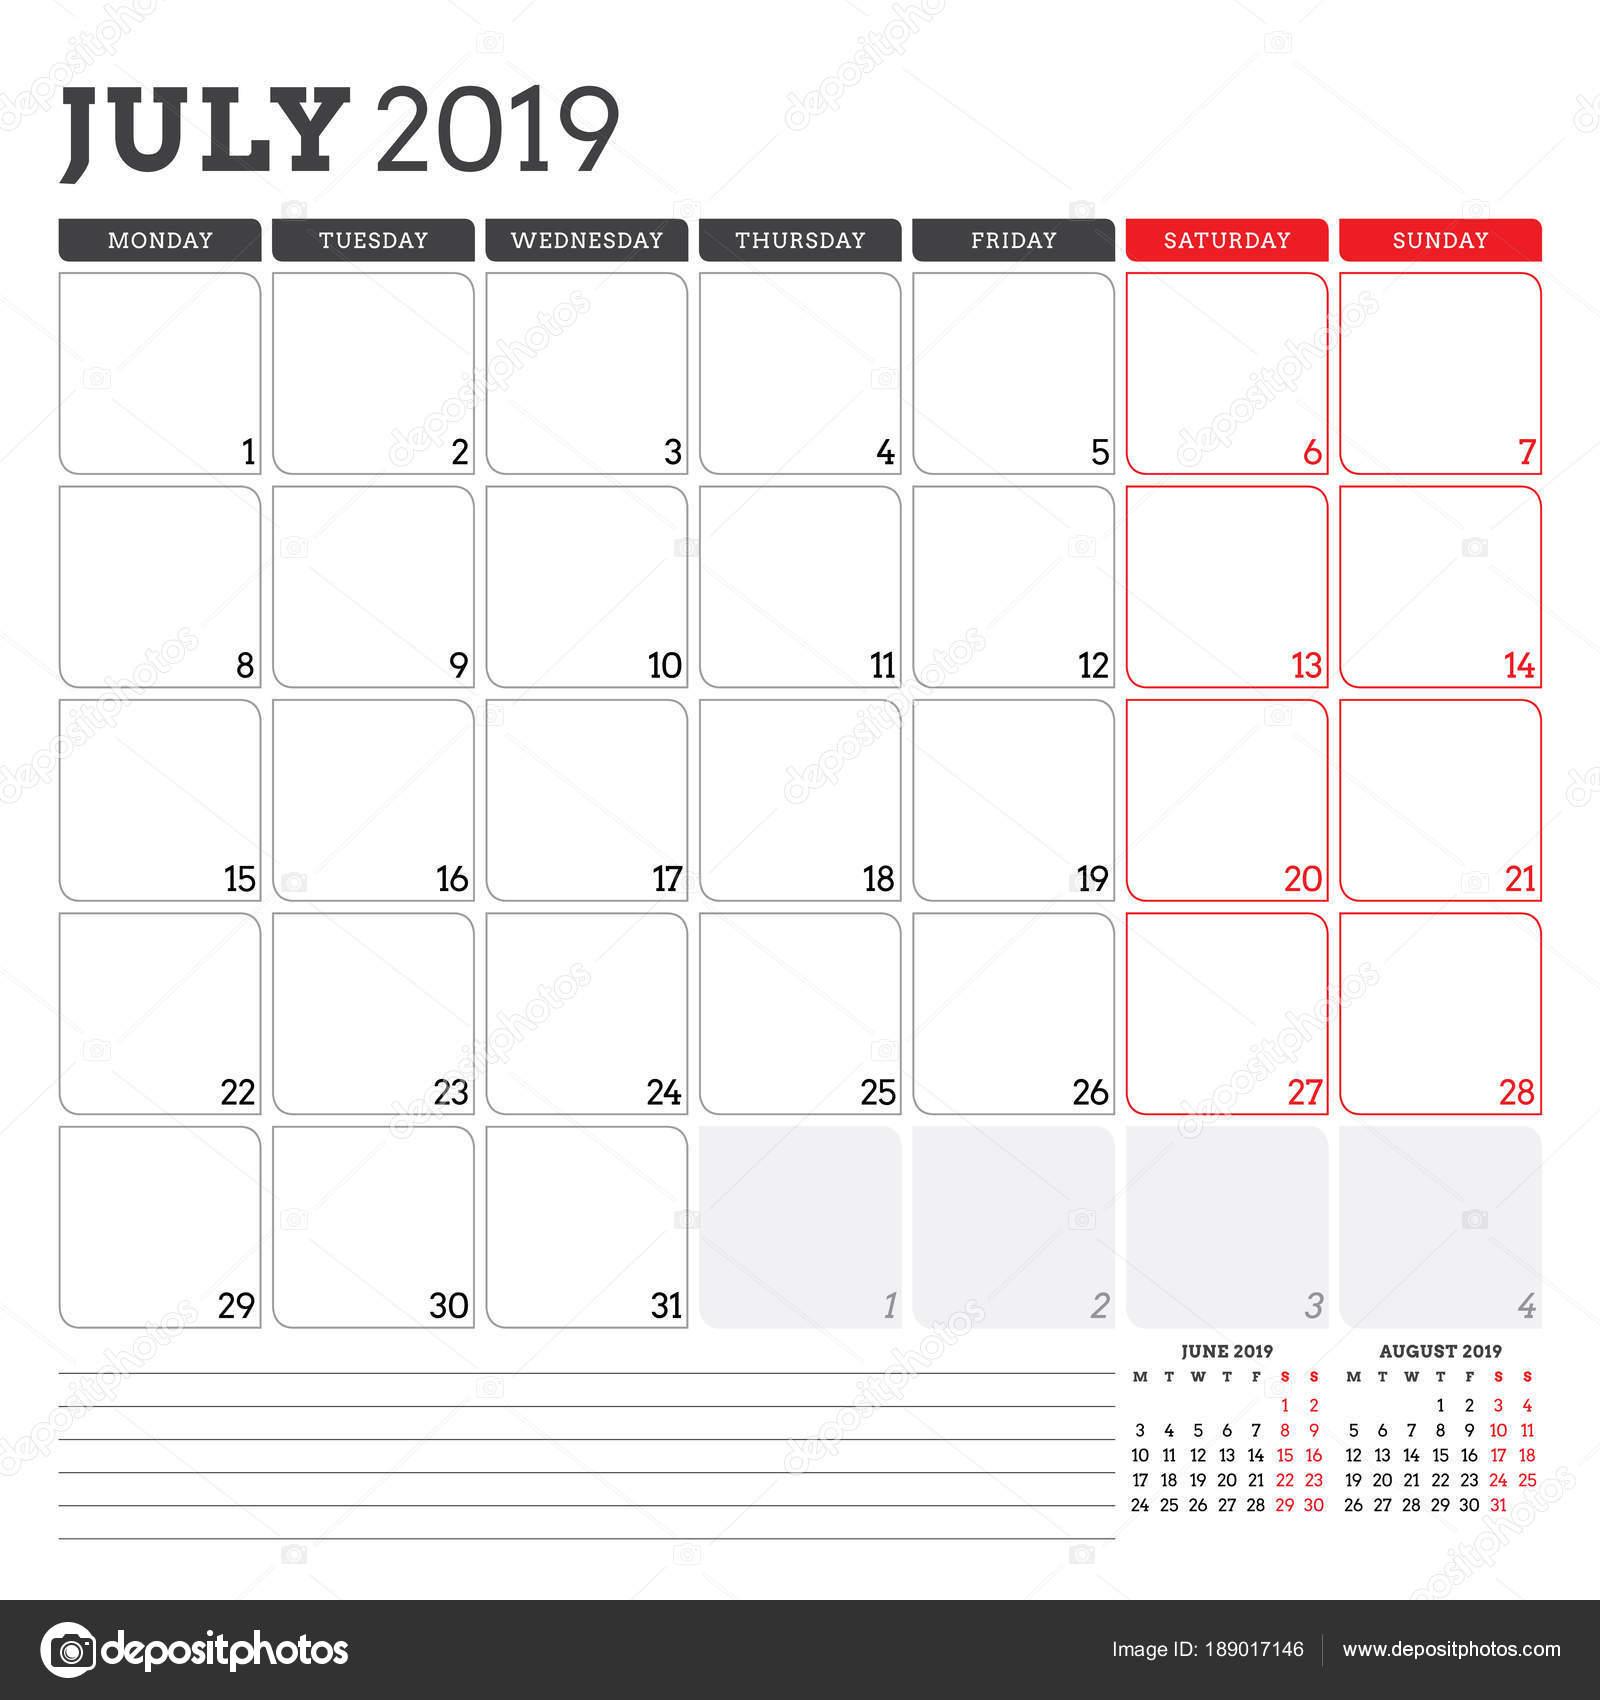 naptár 2019 július Naptár tervező július 2019. Hét kezdőnapja a hétfő. Nyomtatható  naptár 2019 július